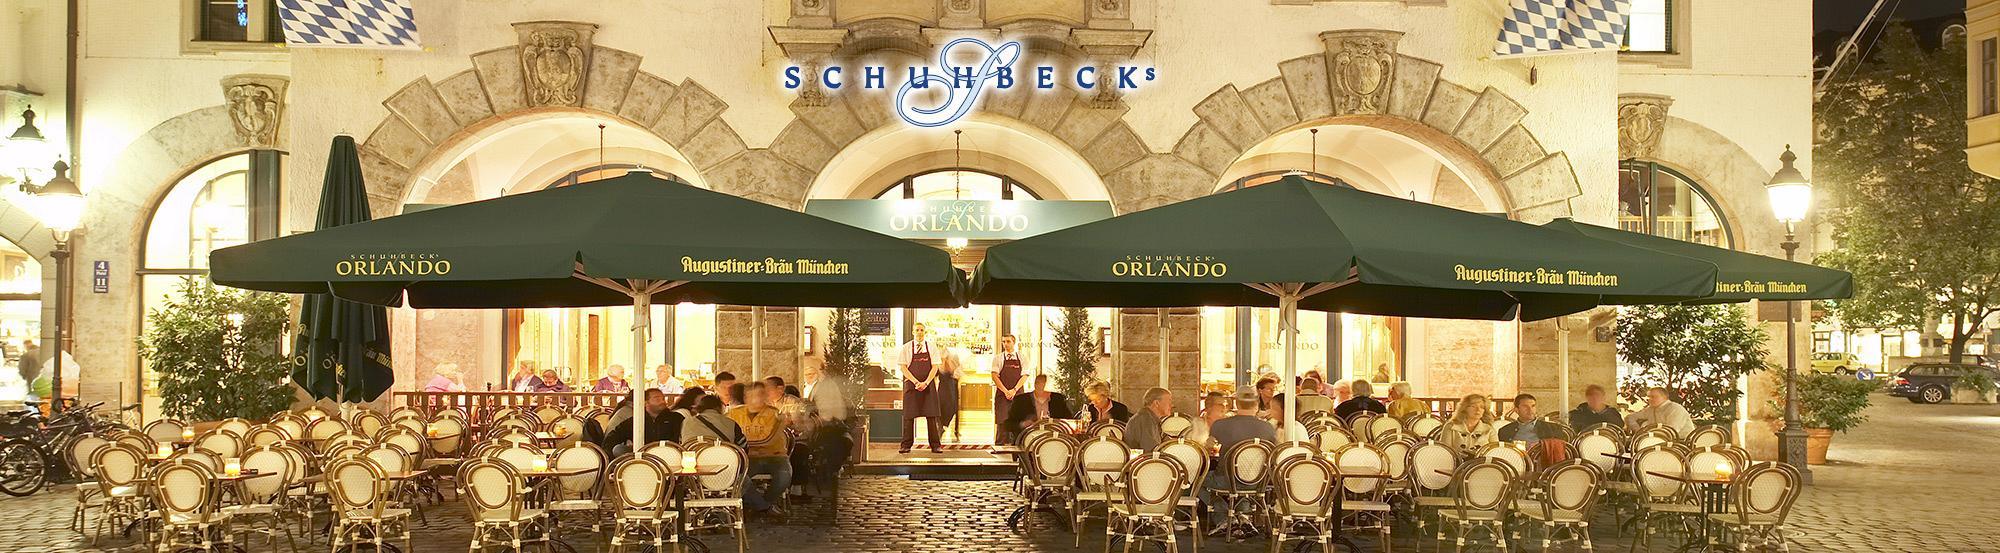 Alfons Schuhbecks Orlando - Das Kultrestaurant am Platzl